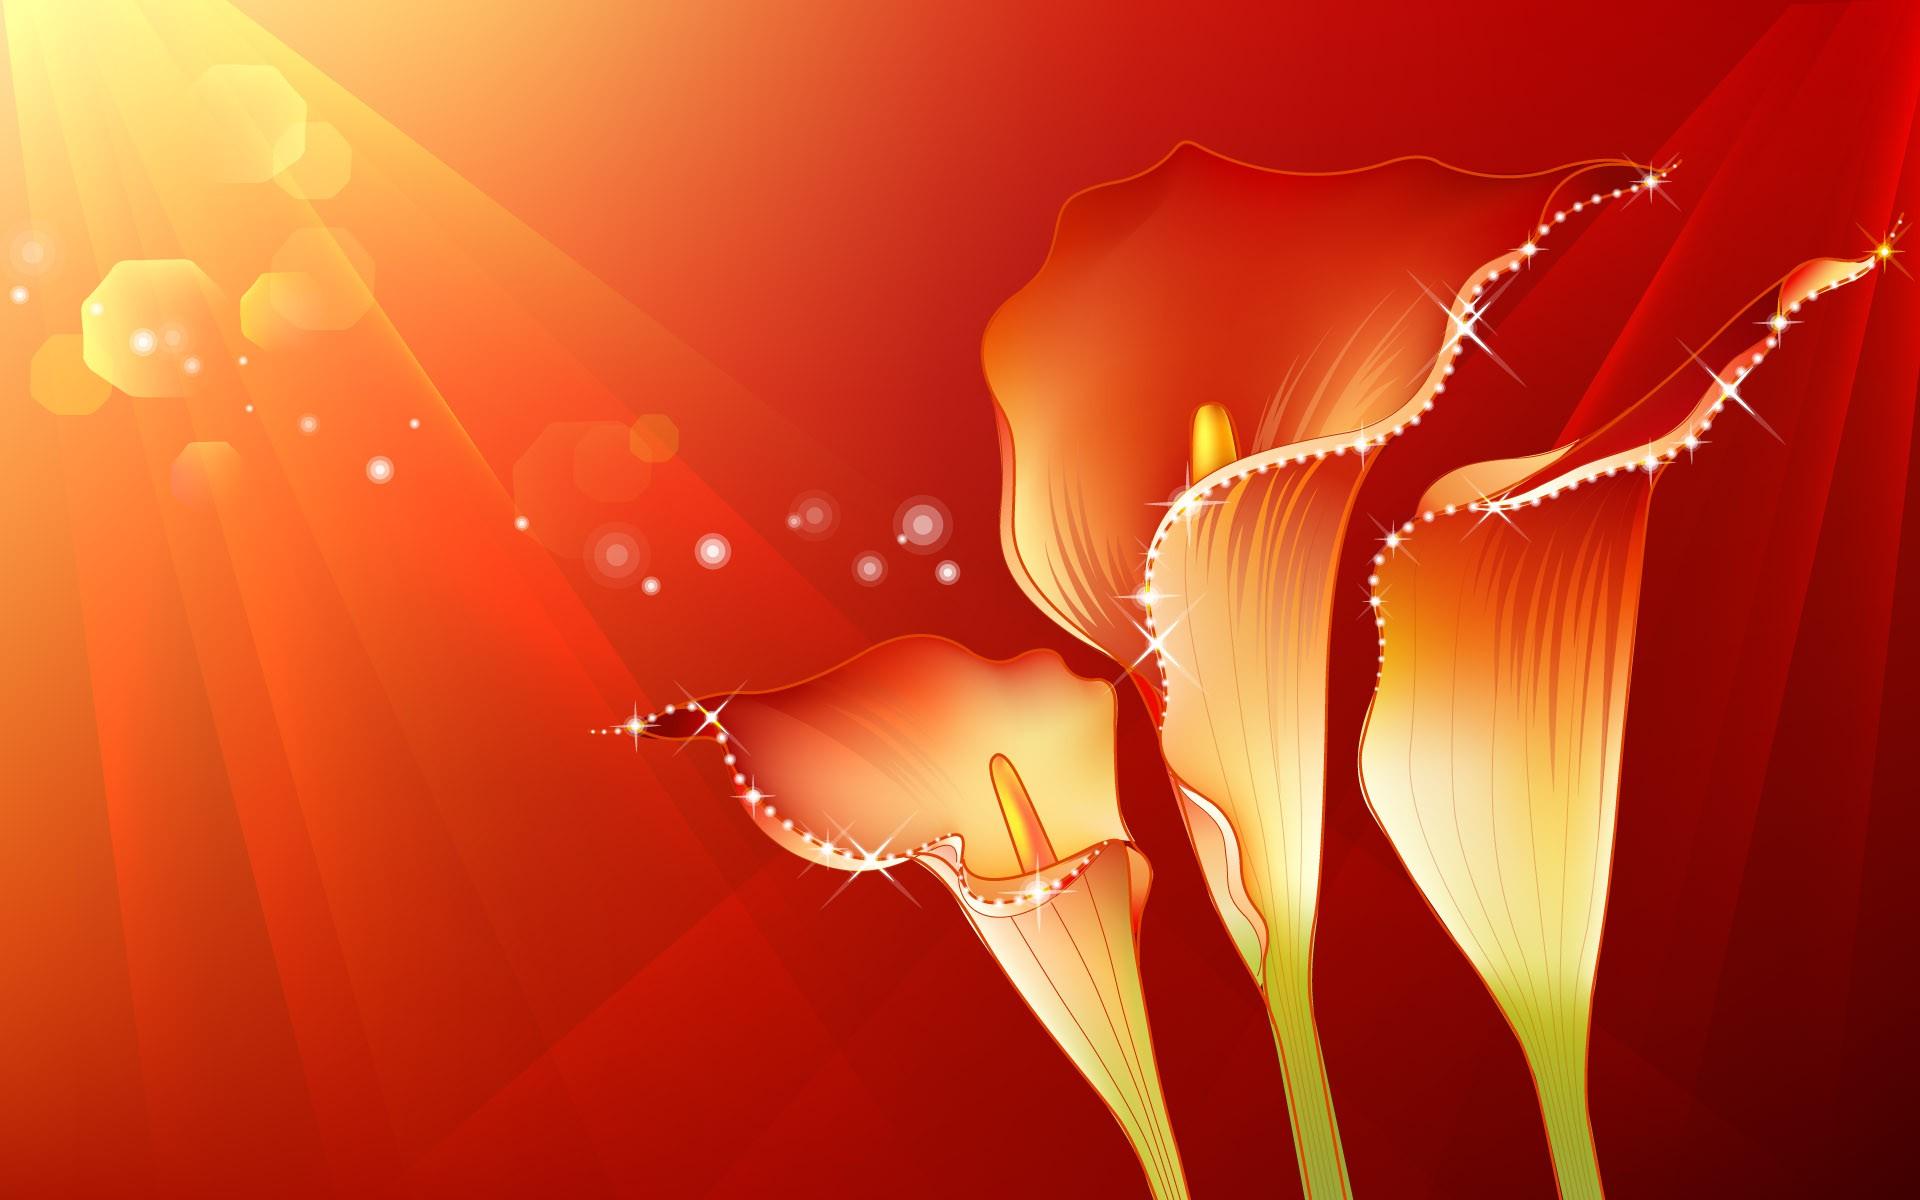 Fondo naranja y flores - 1920x1200